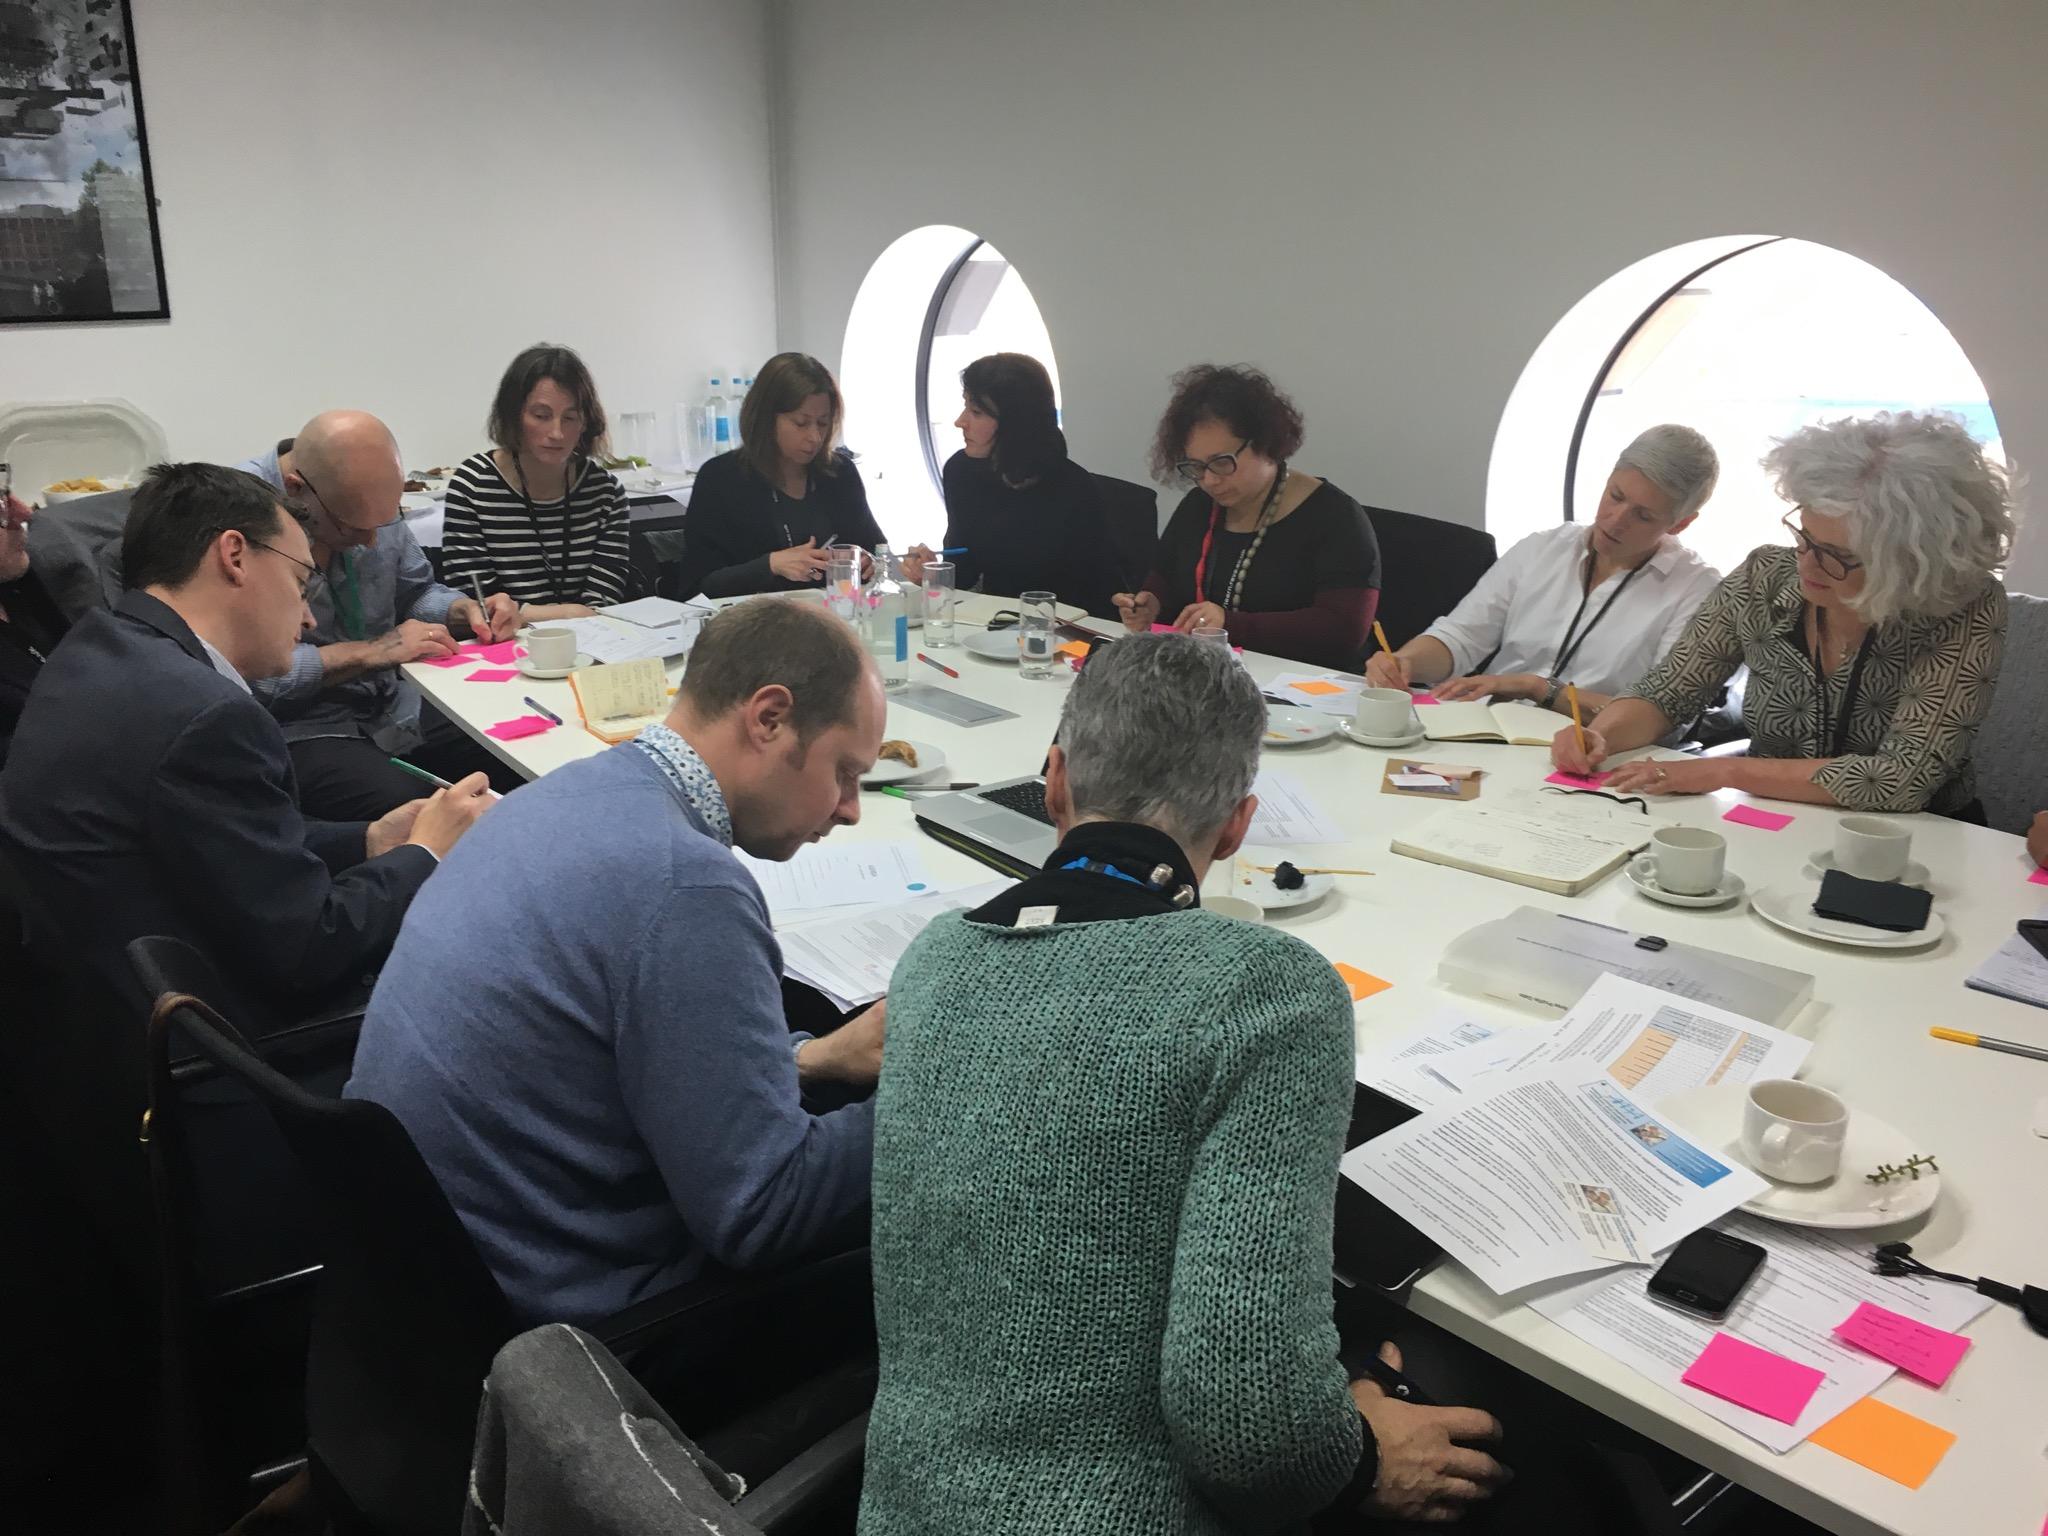 workshop at links meeting